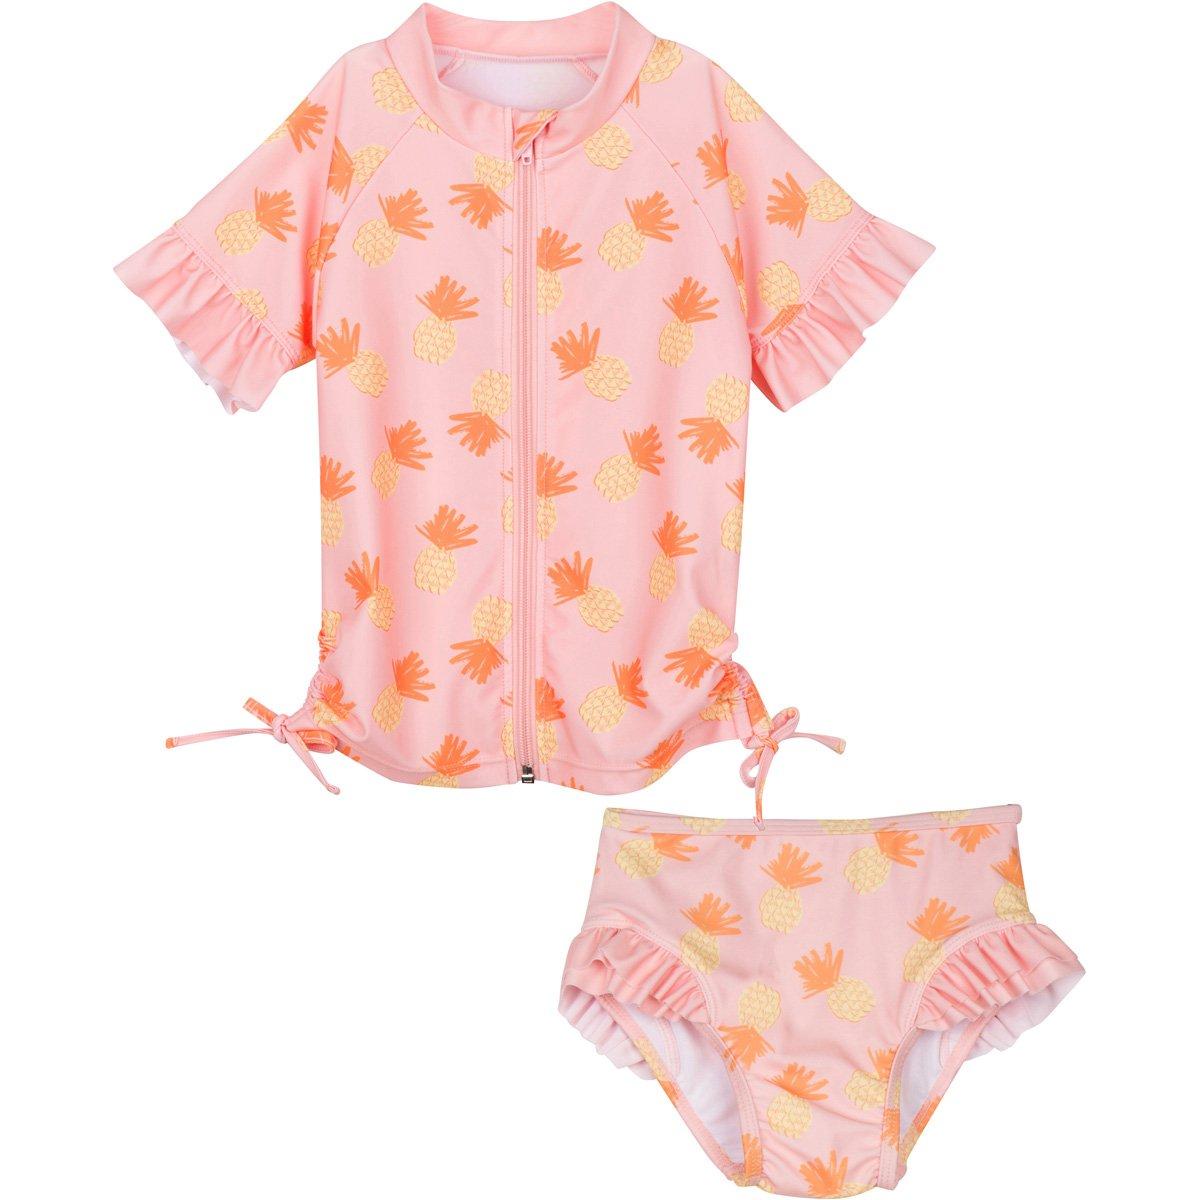 SwimZip Little Girl Zipper Short Sleeve Orange Rash Guard 2 Piece Swimsuit Set Sweet Pineapple SWEETPINEAPPLE2PCSS01